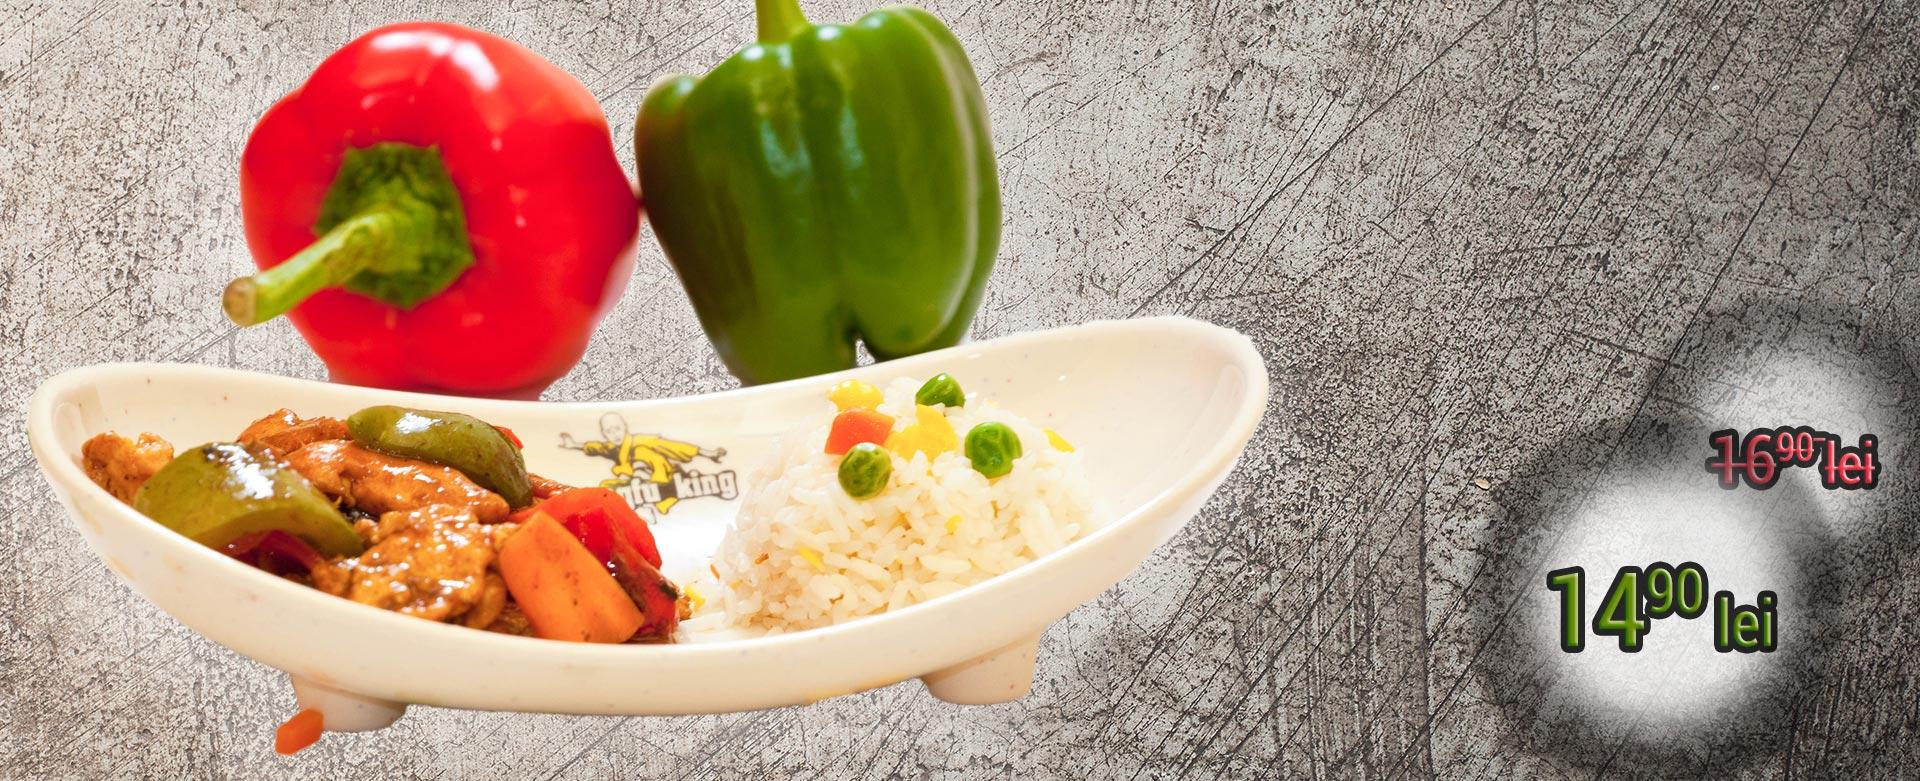 Mini meniuleste alegerea perfectă pentru o masă deliciosă, marca KungFu King, ce conţine 1 fel principal şi garnitură. Alege mâncare chinezească de calitate, marca KungFu King. Acum puteţi face comanda online şi vă puteţi, astfel, bucura de ofertele speciale oferite de restaurantul chinezesc KungFu King din Bucureşti.